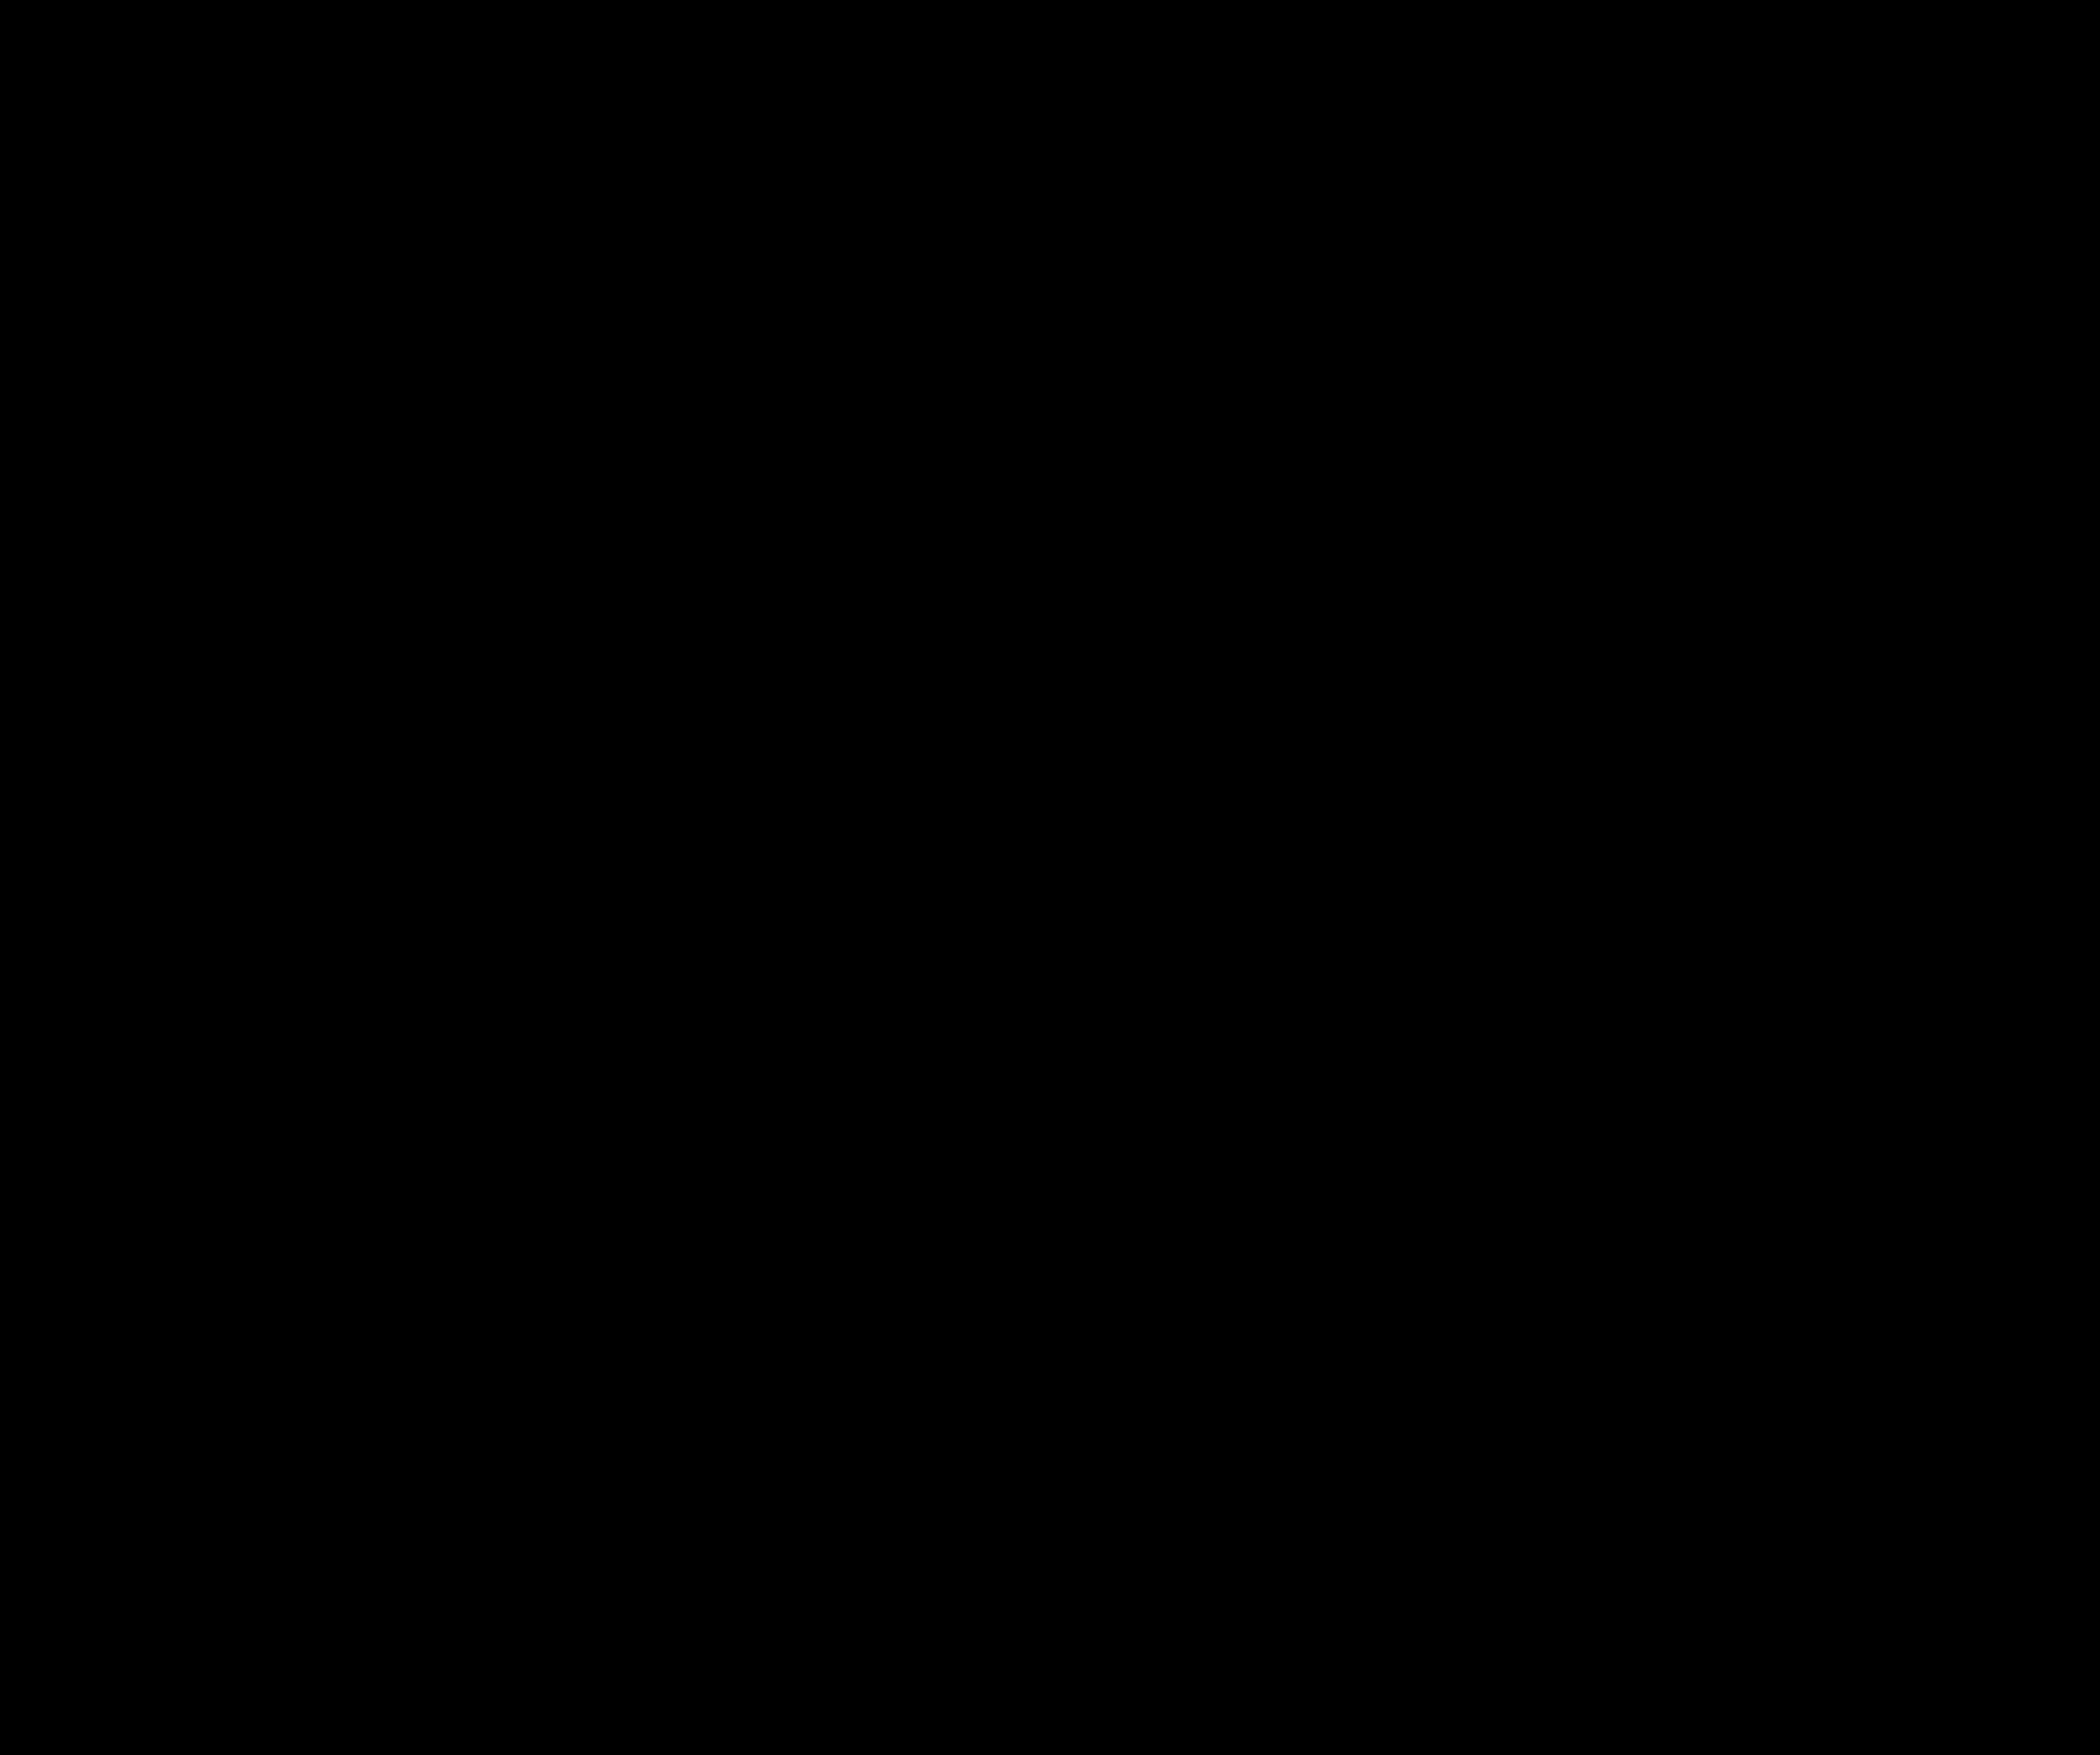 comite des a tudiants americains de l a cole des beaux arts paris wwi post card art un numbered signed gandon wittig collection item 56 reverse scan 02 jpg